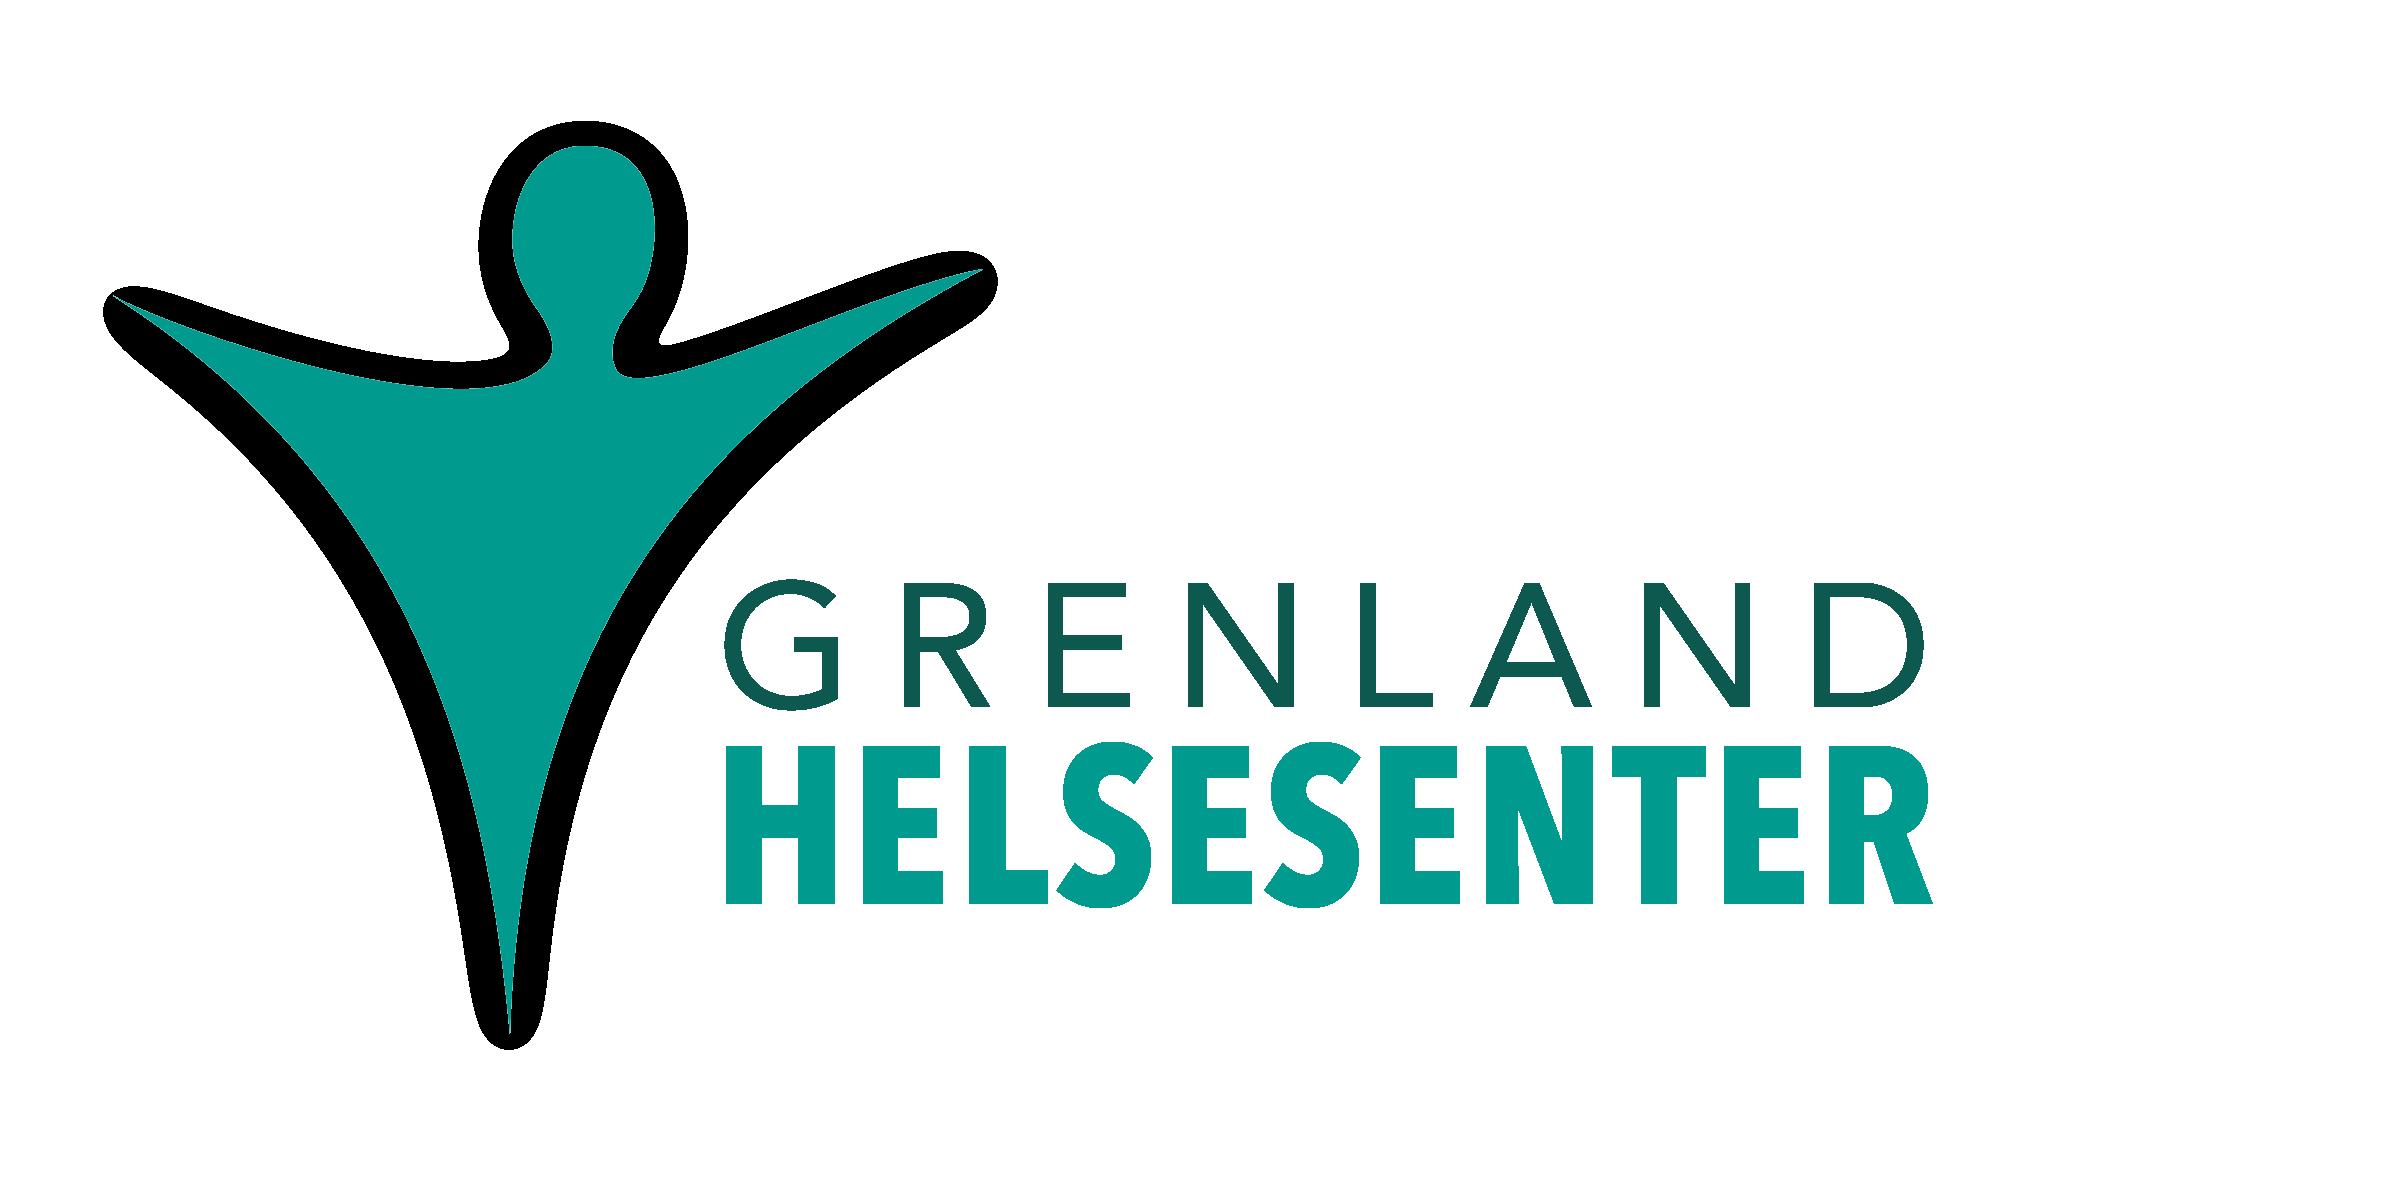 Grenland Helsesenter